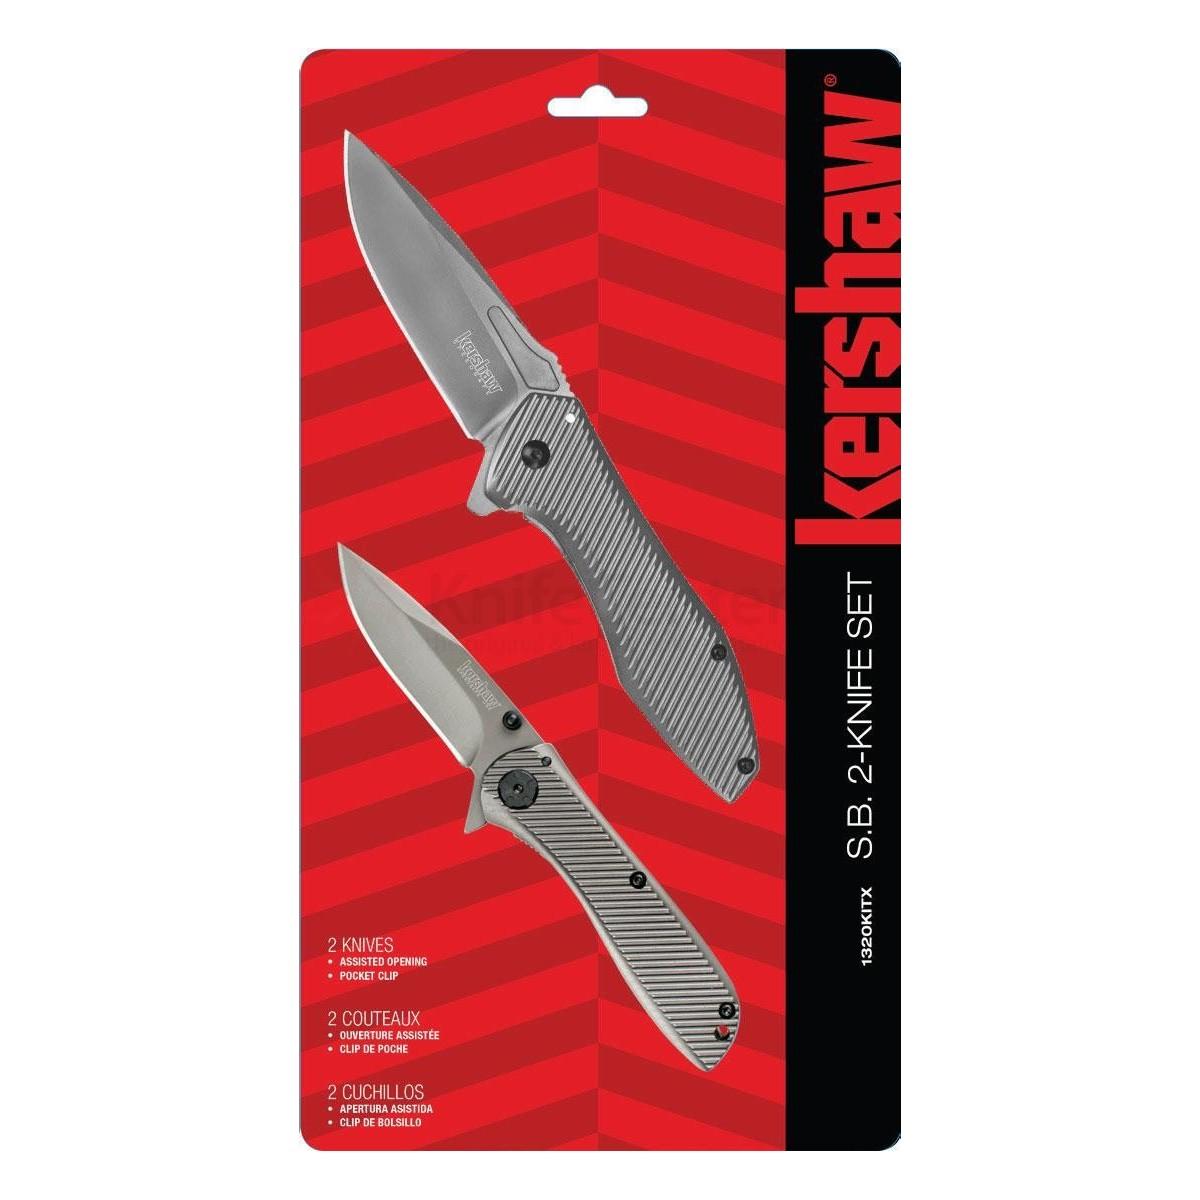 แพคสุดคุ้ม Kershaw 2 Piece Assisted Opening S.B. Flipper Knife Set (1320KITX)